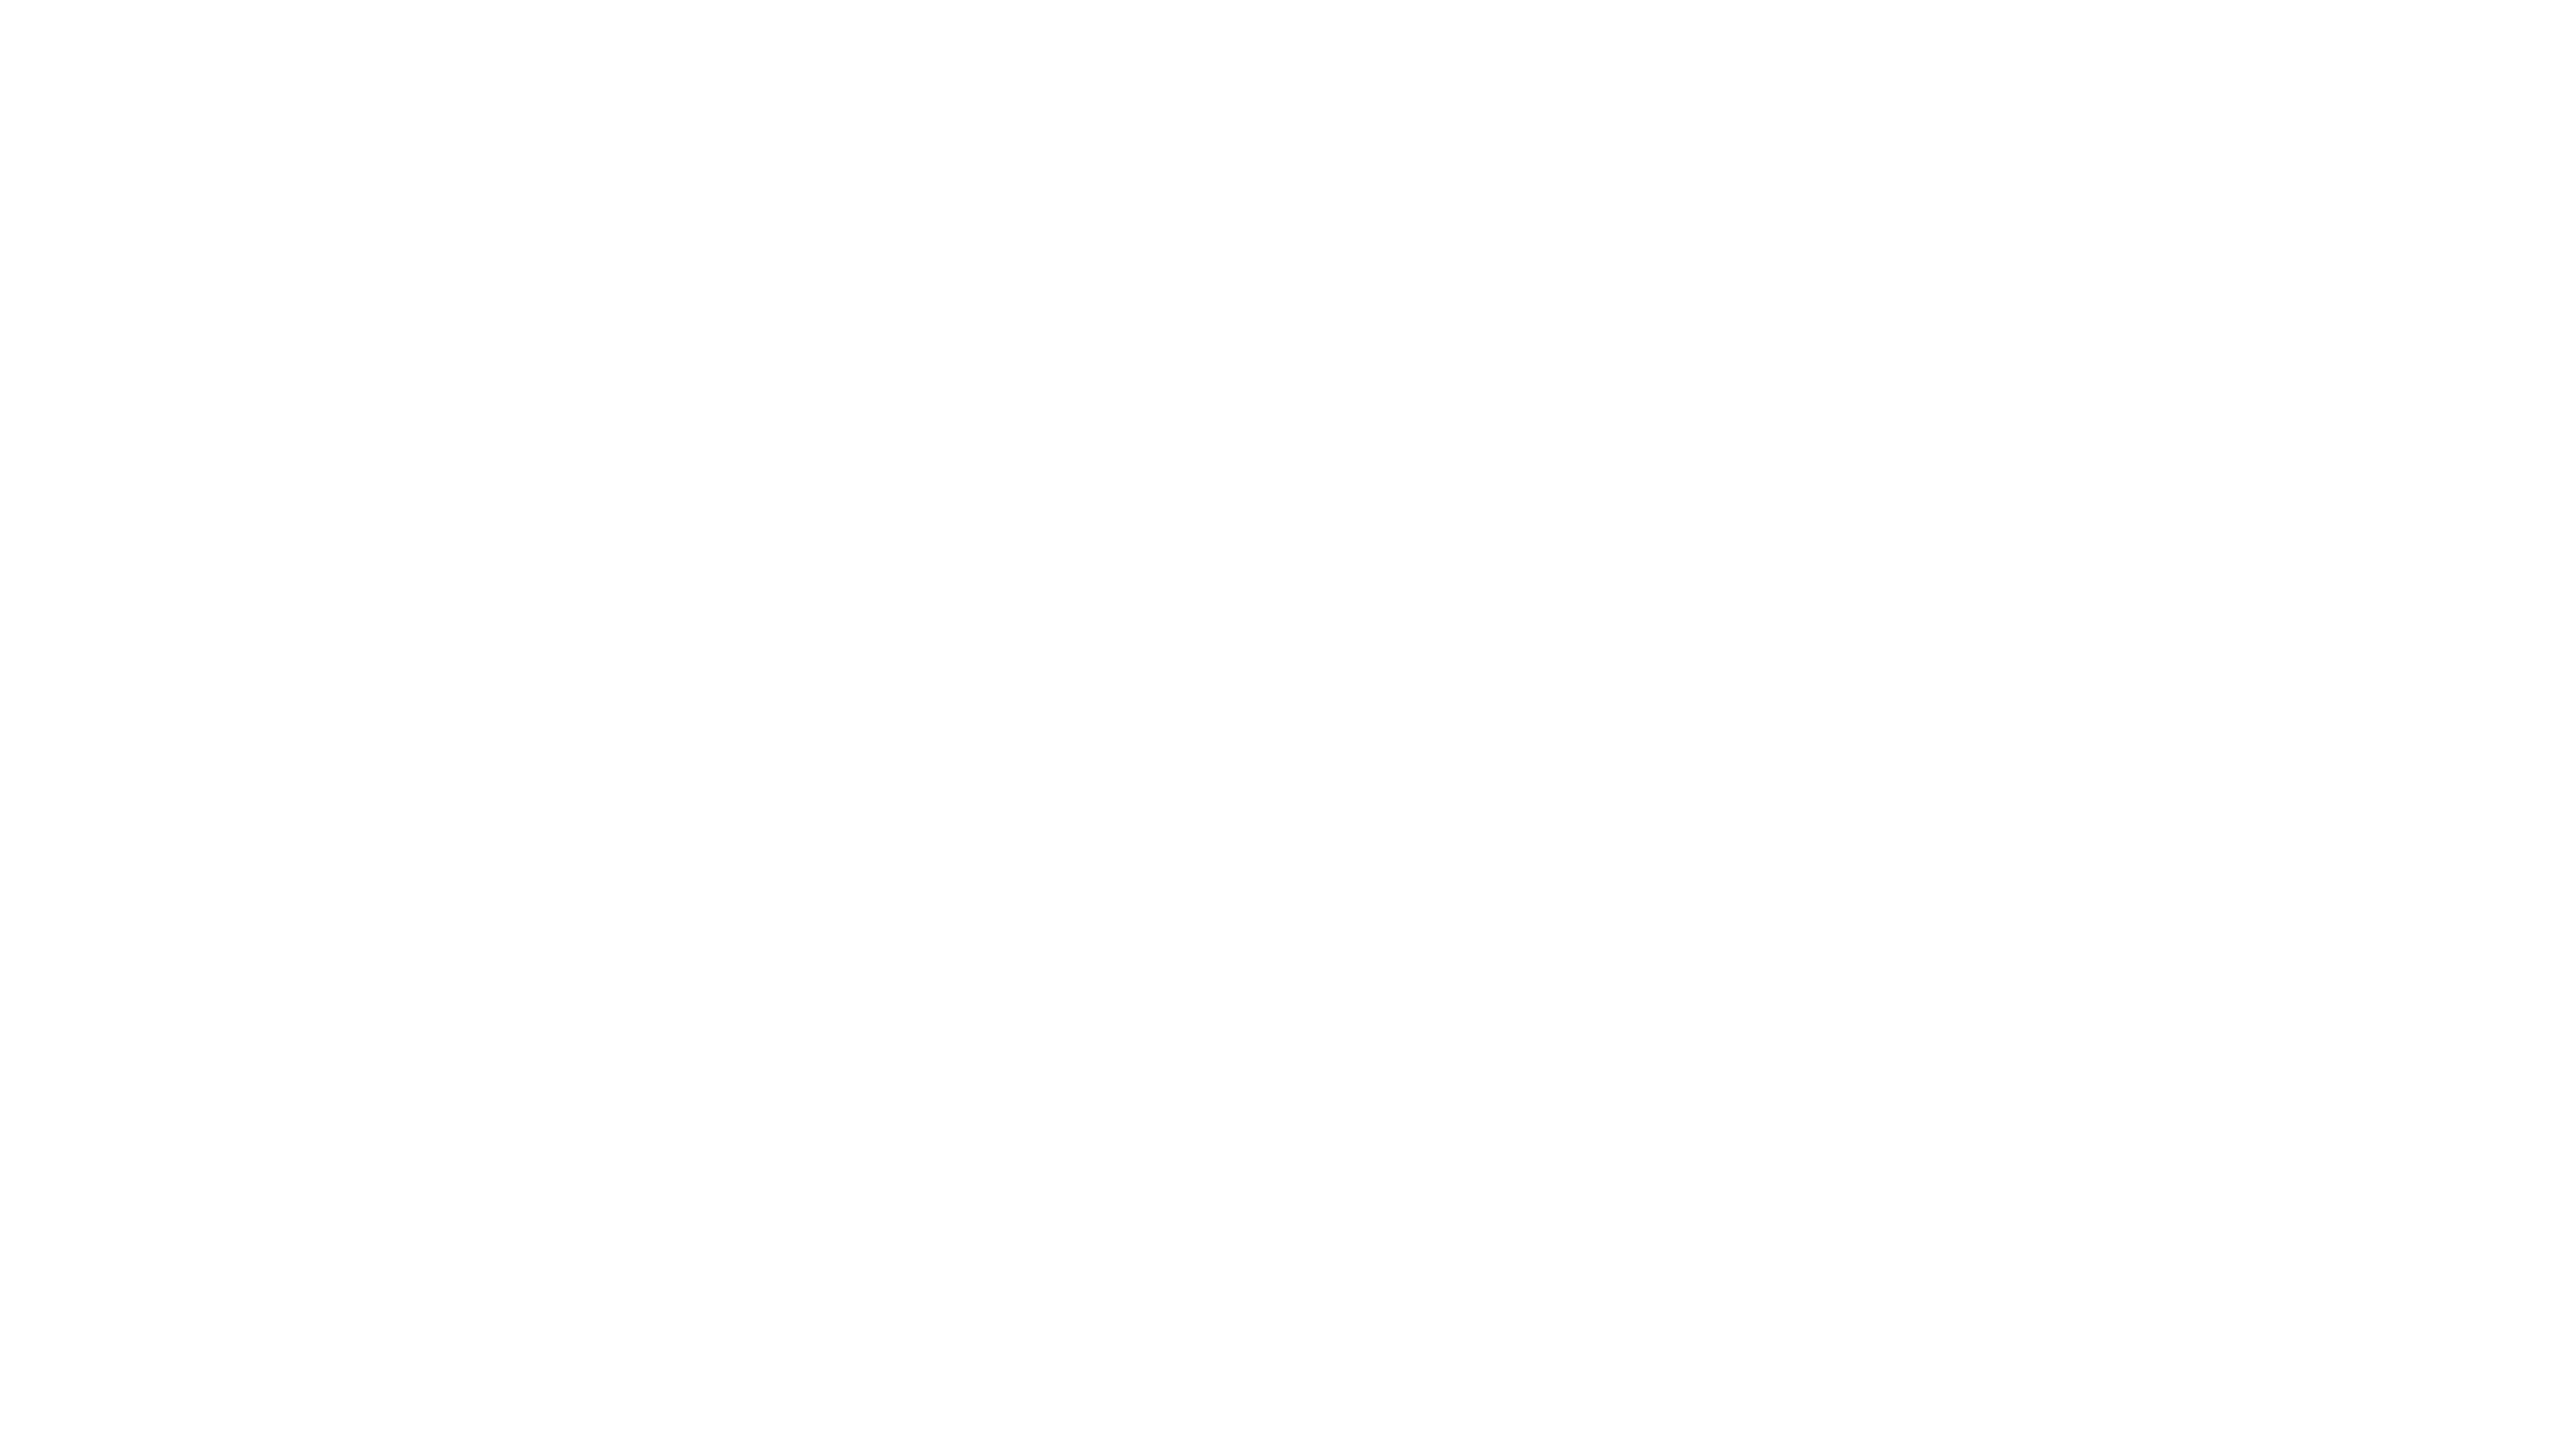 App Advisor